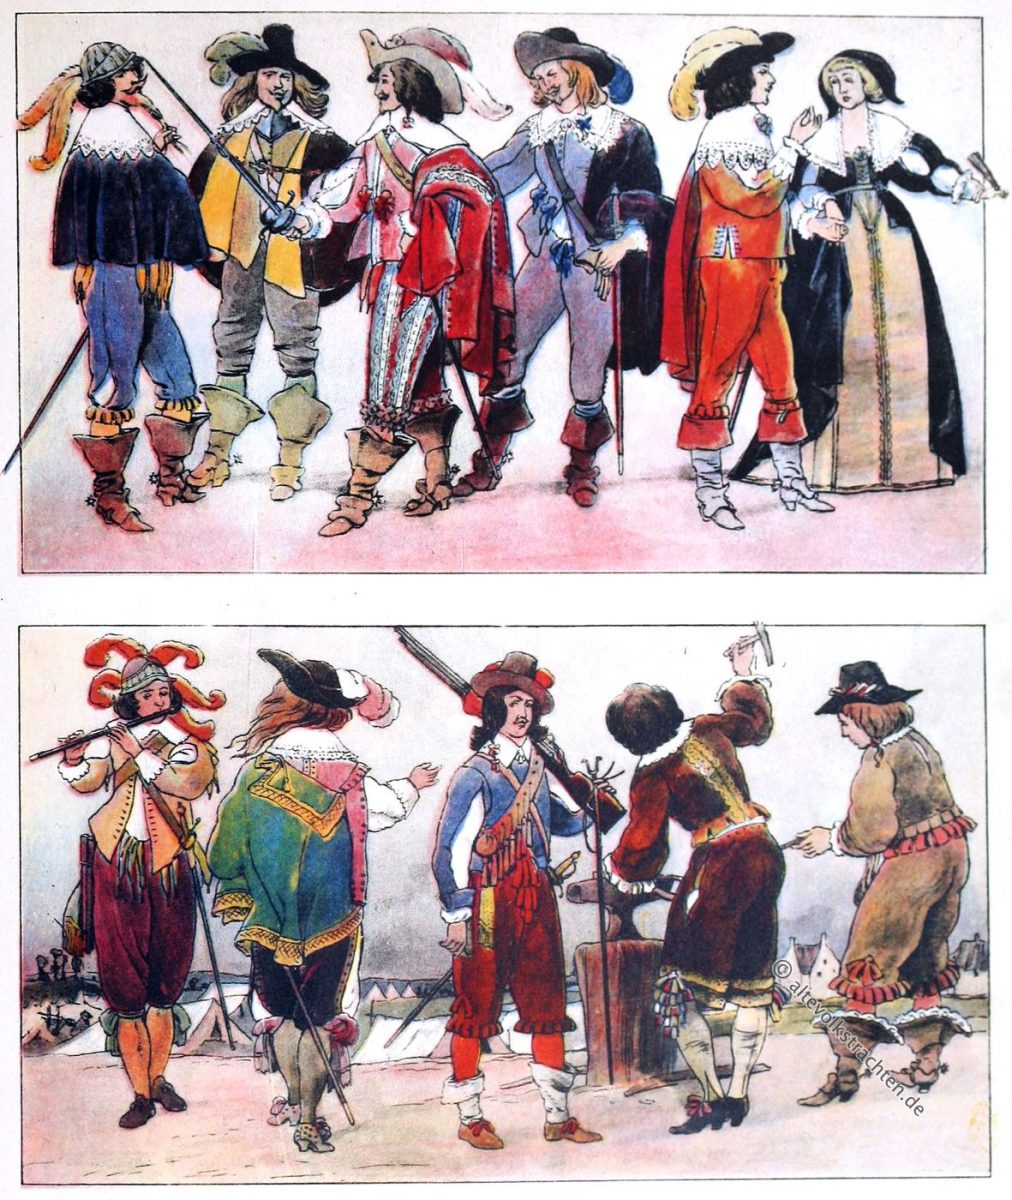 Musketier, Musketiere, Schlumperhose, Wallensteiner, Mousquetaires, Mode, Barock, Frankreich, Adolf Rosenberg, Eduard Heyck, 1630, 1647,